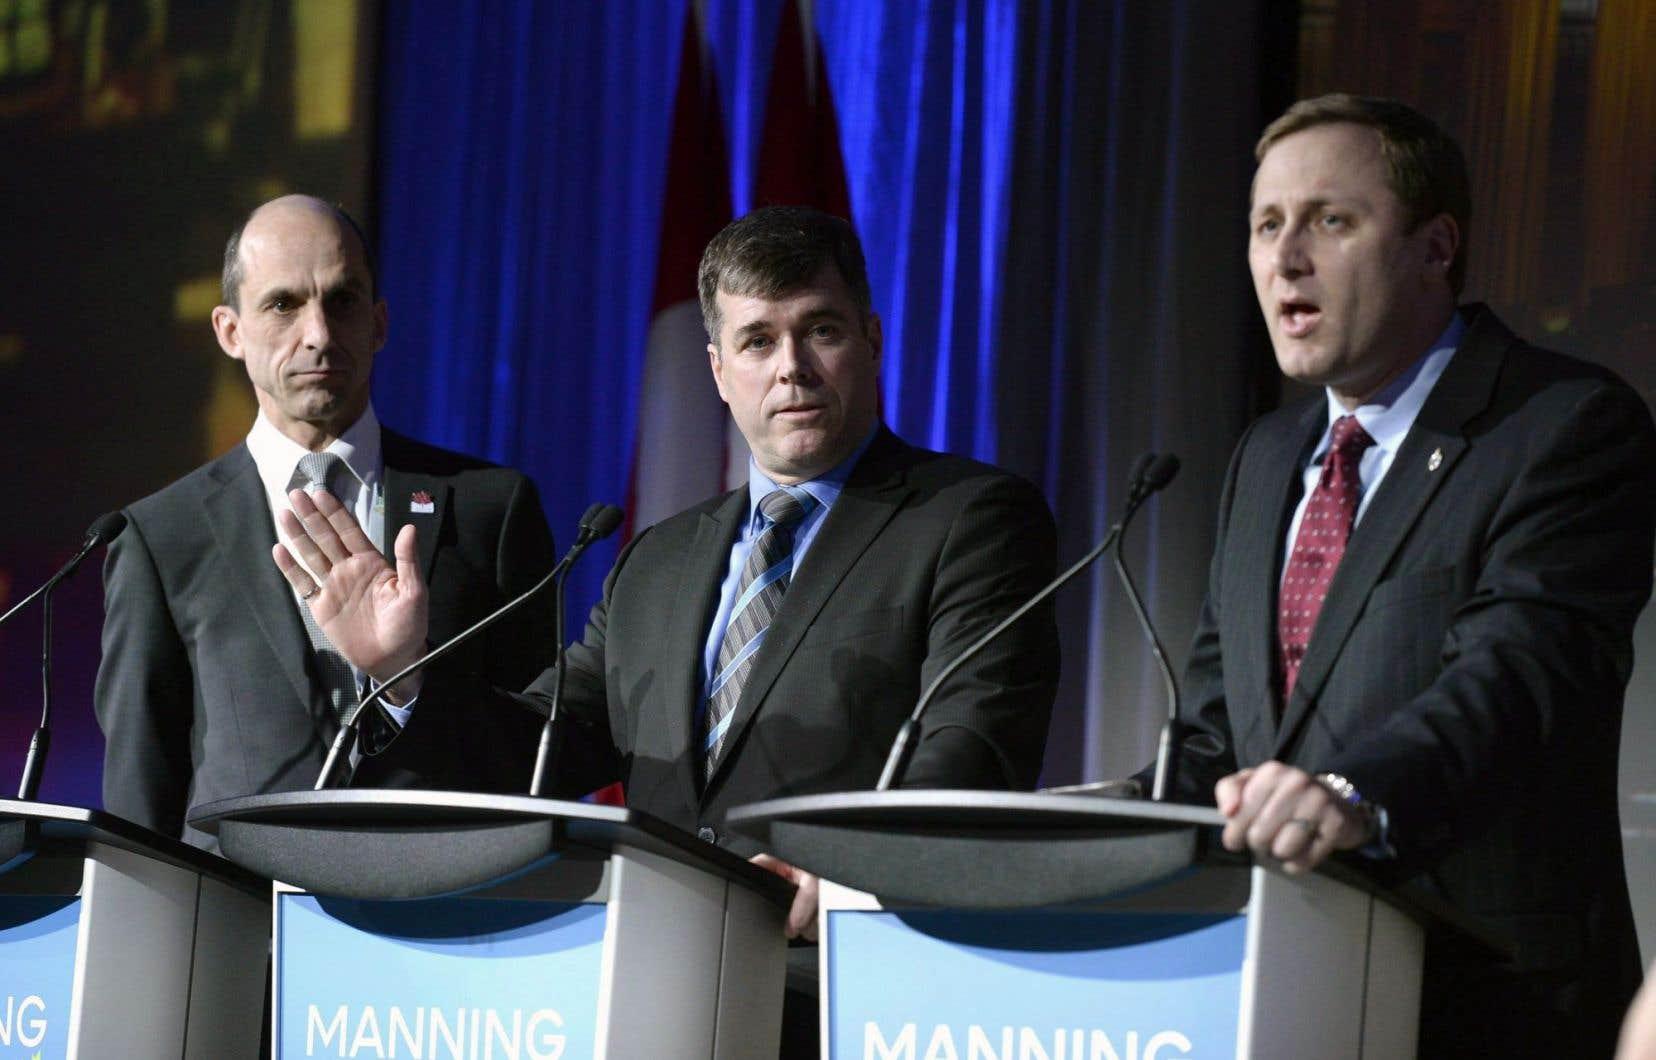 Steven Blaney, Pierre Lemieux et Brad Trost, lors d'un débat du Parti conservateur le 24 février 2017